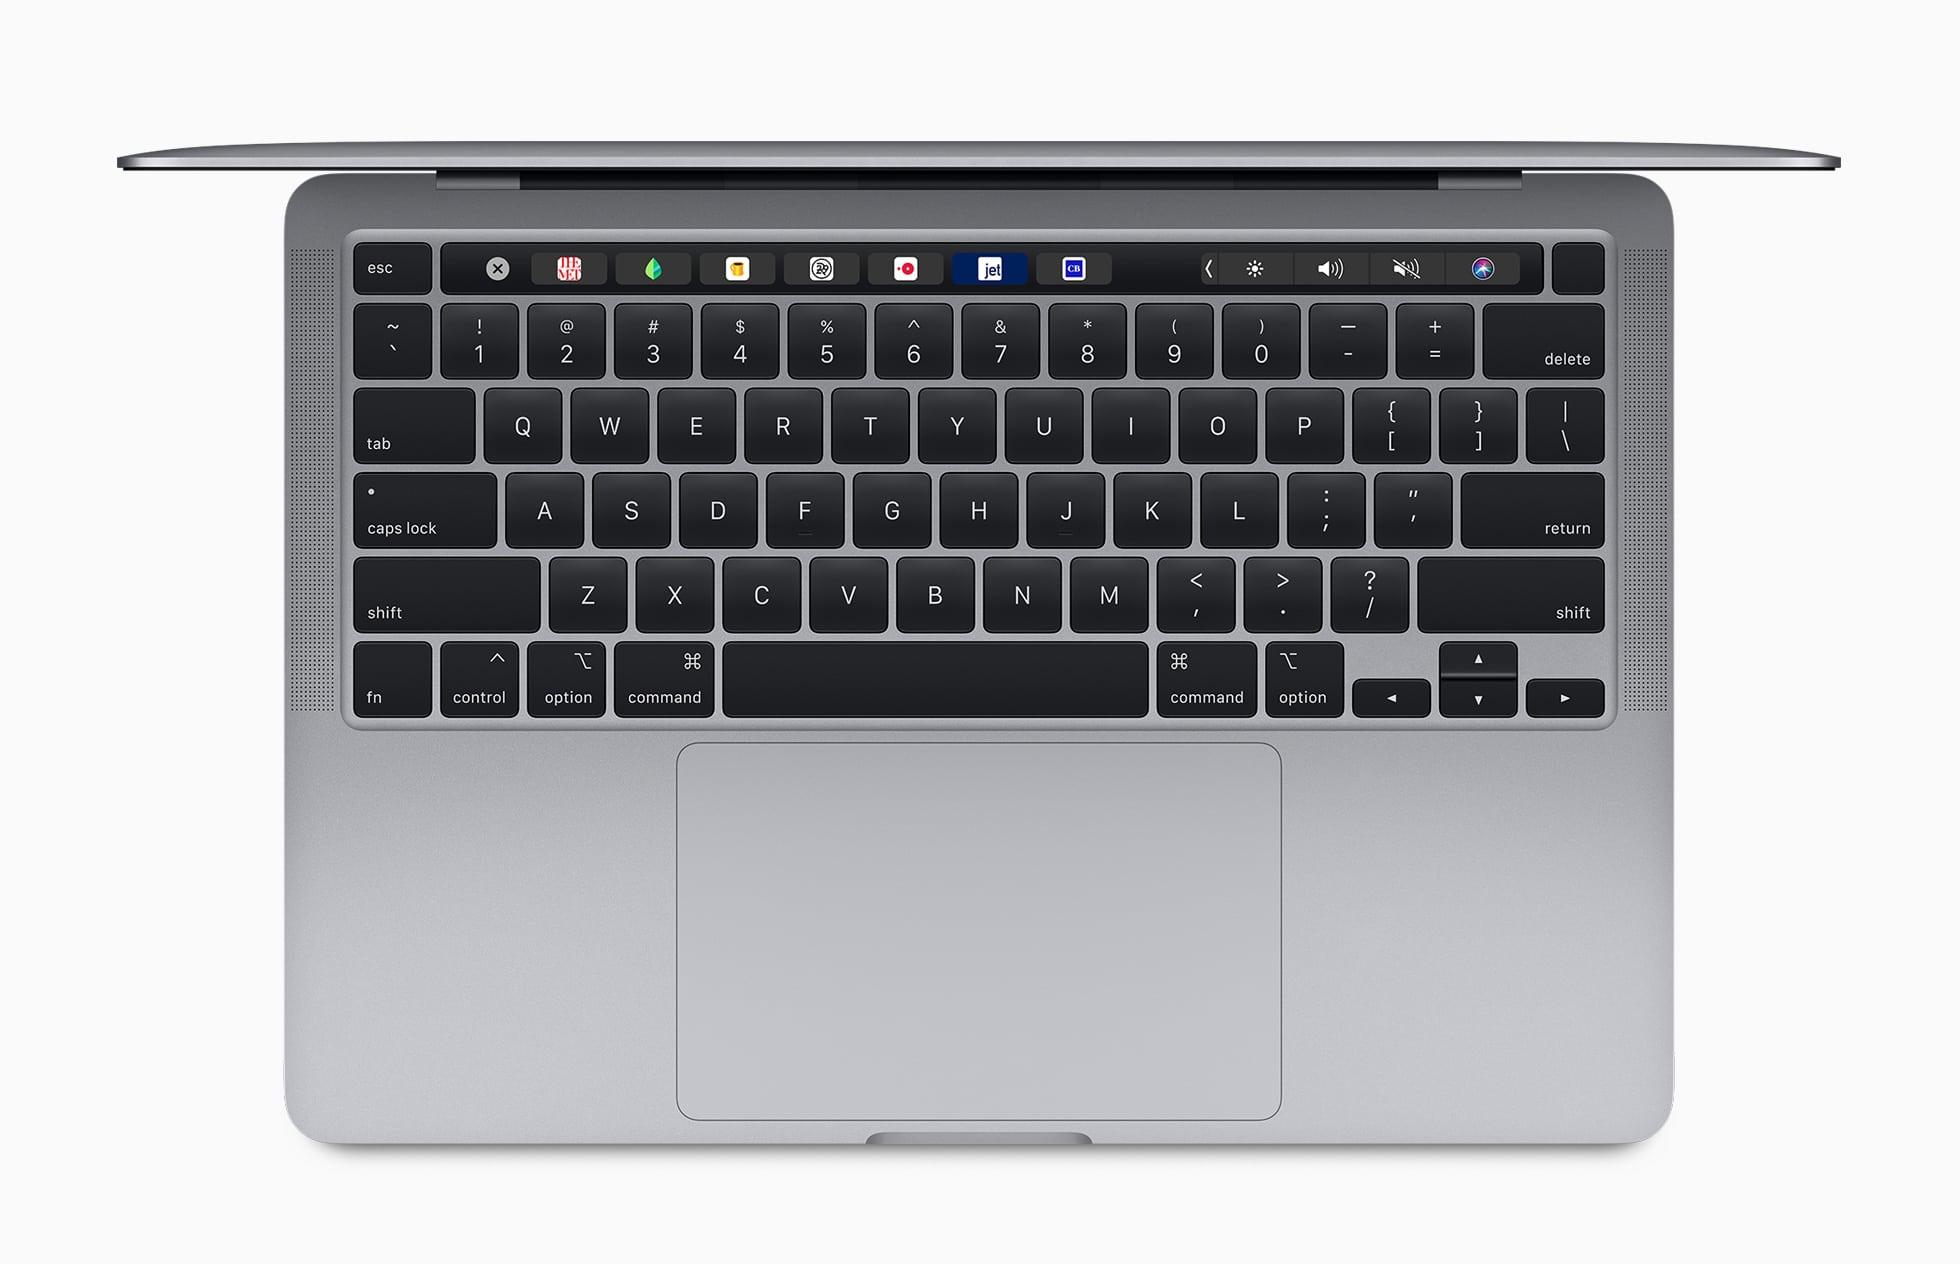 Magic Keyboard do novo MacBook Pro de 13 polegadas visto de cima